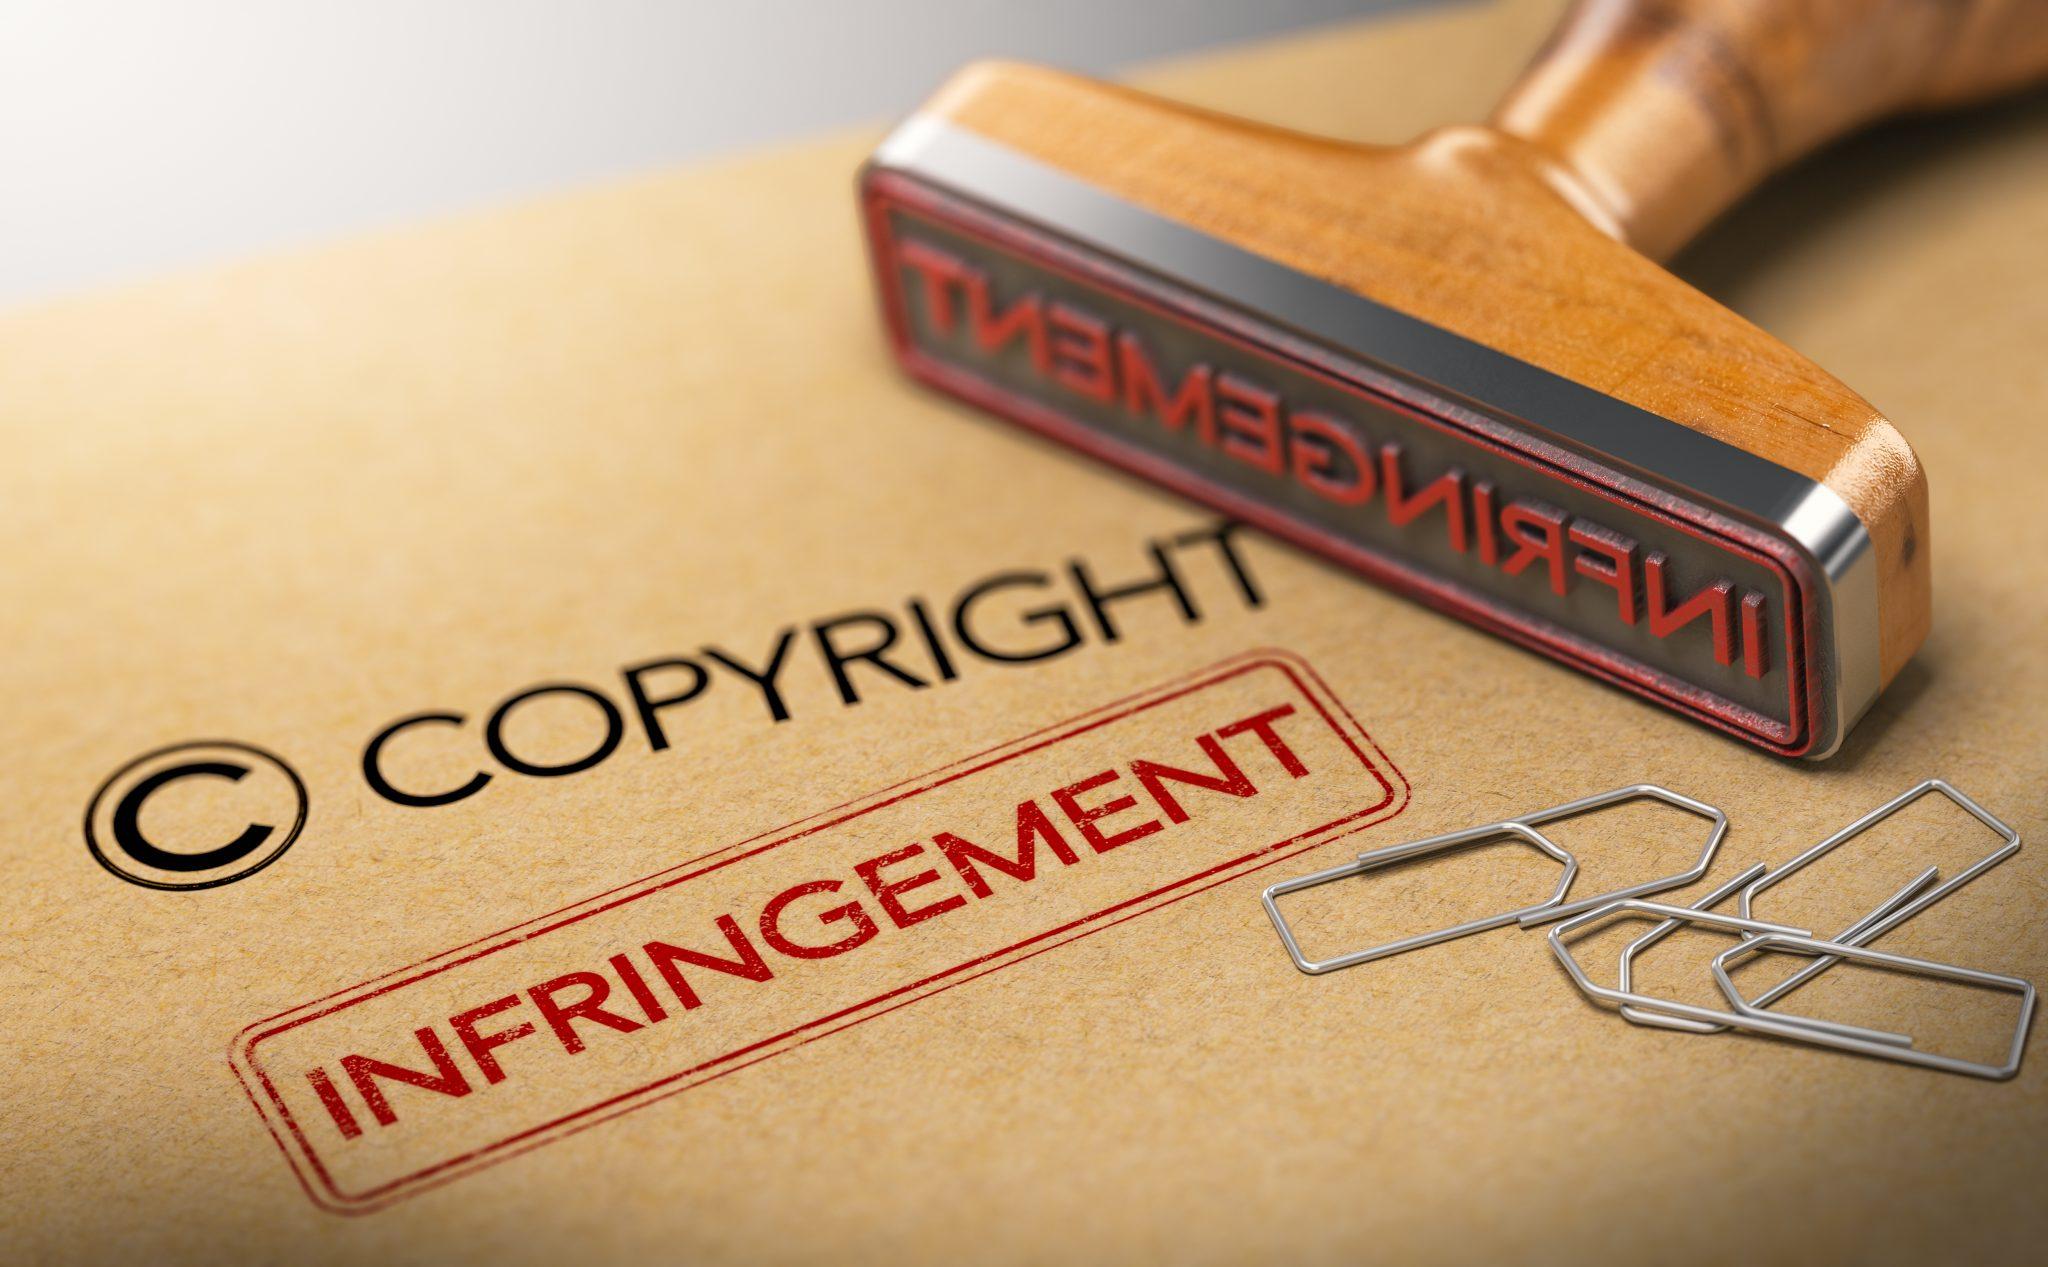 Infringement stamp on copyright folder